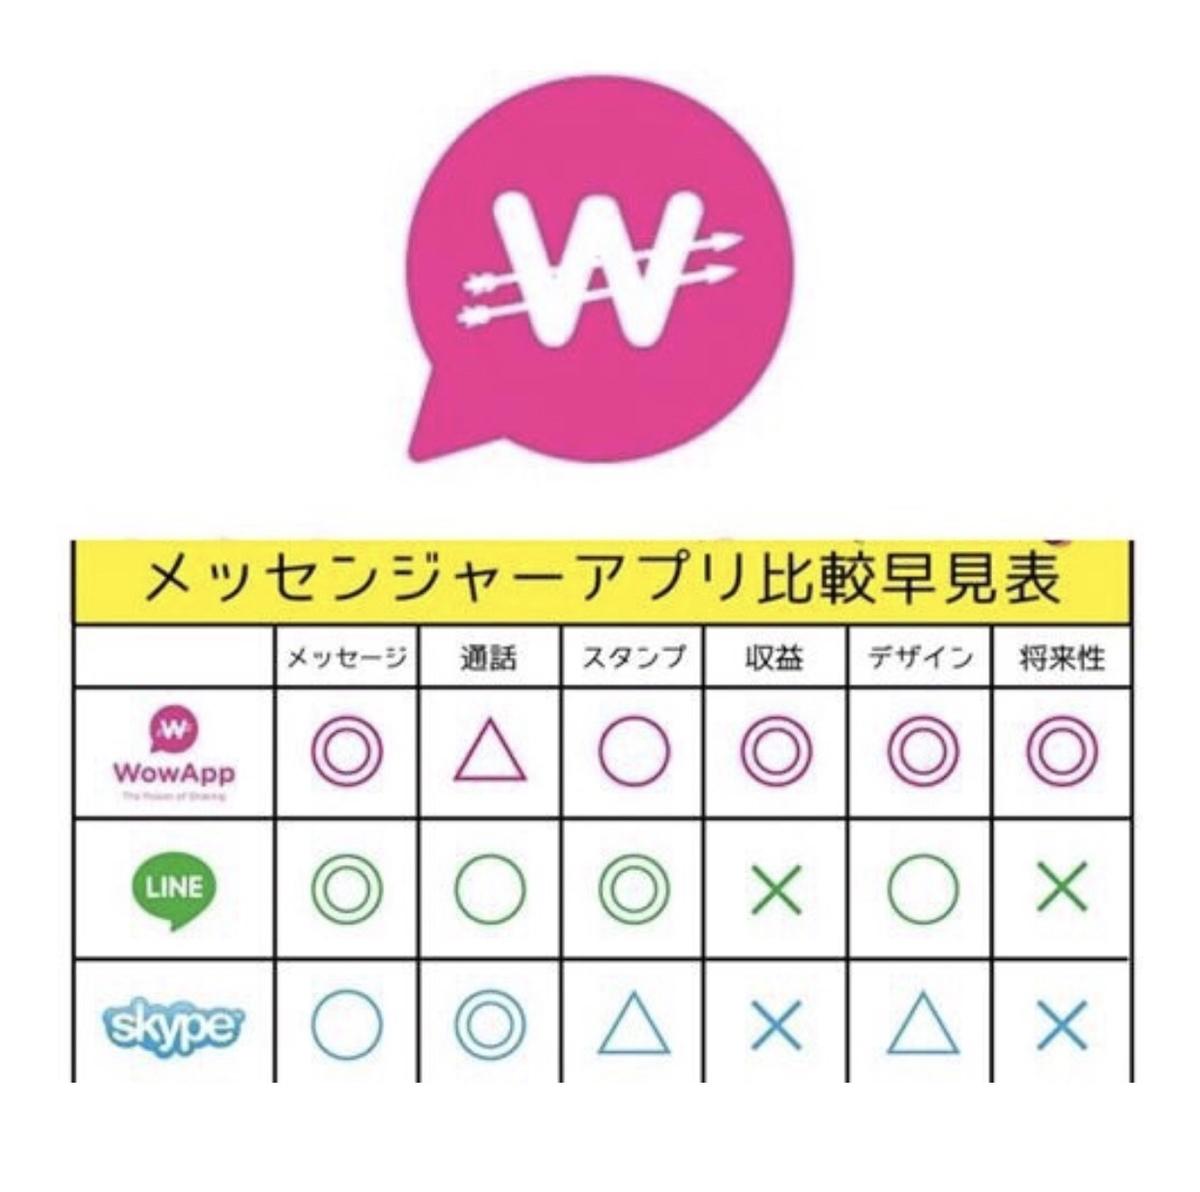 f:id:kaoruikeda:20210721180954j:plain